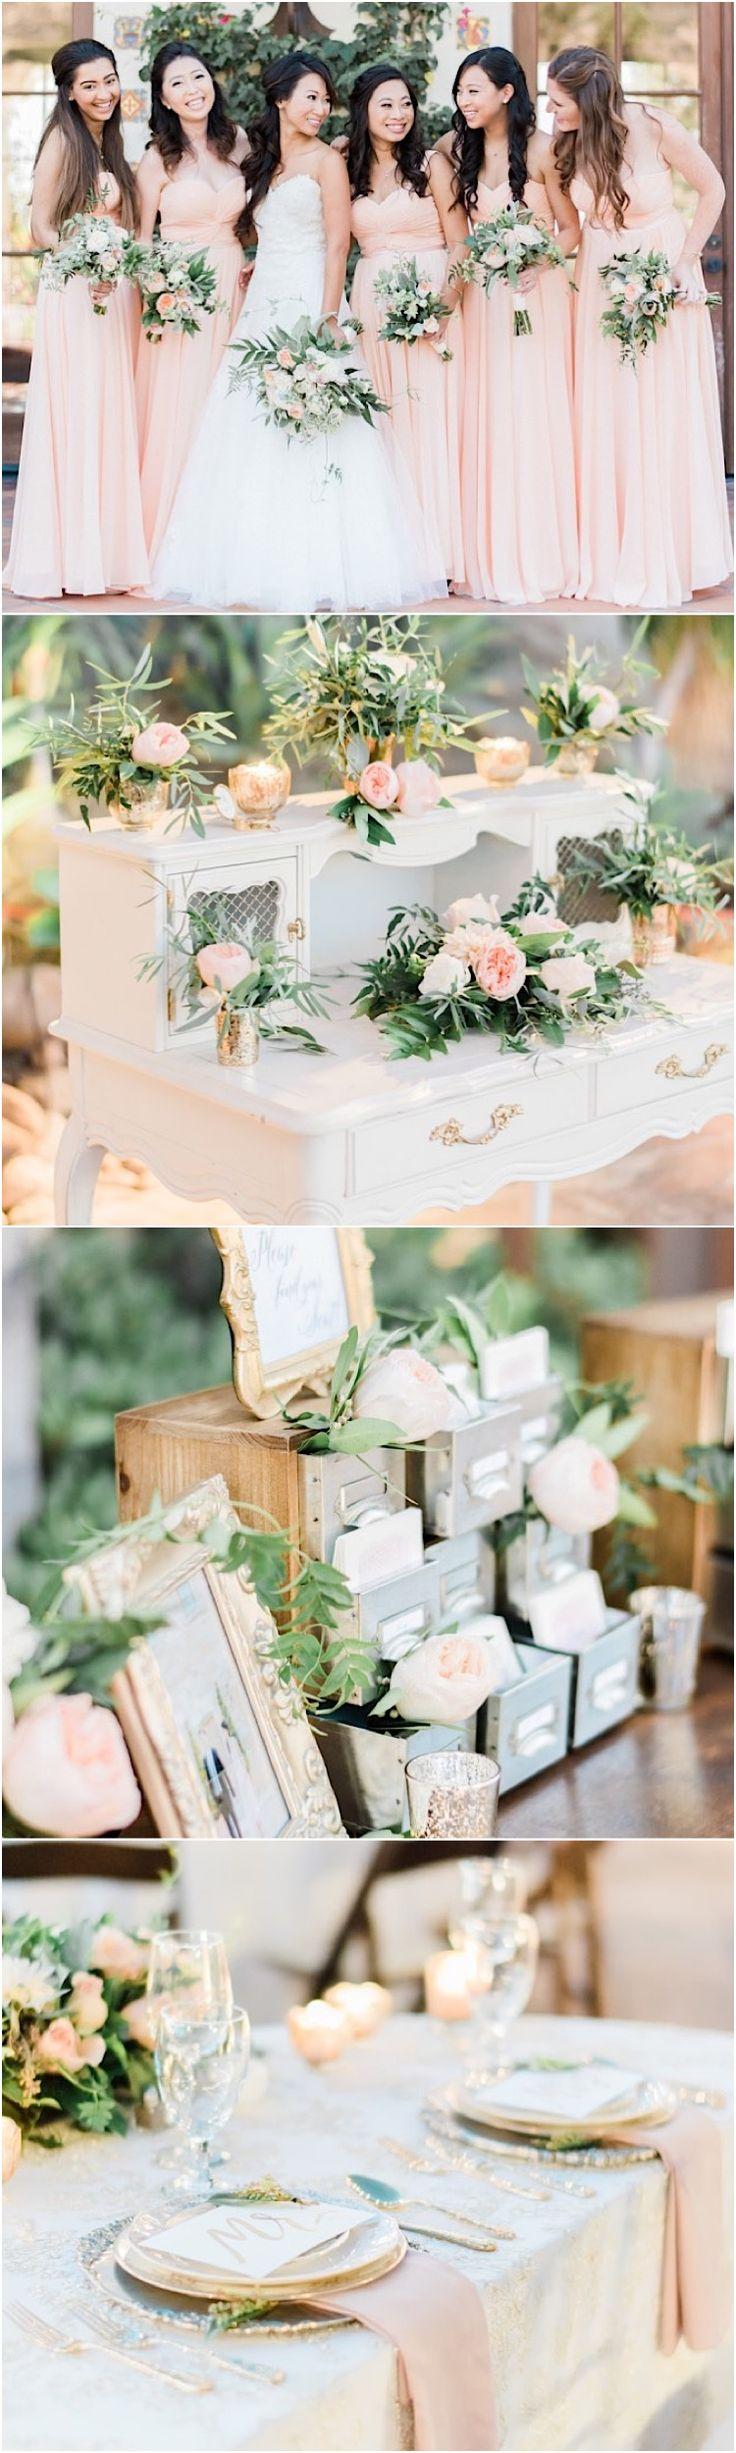 photo: Honey Honey Photography; Blush wedding reception ideas